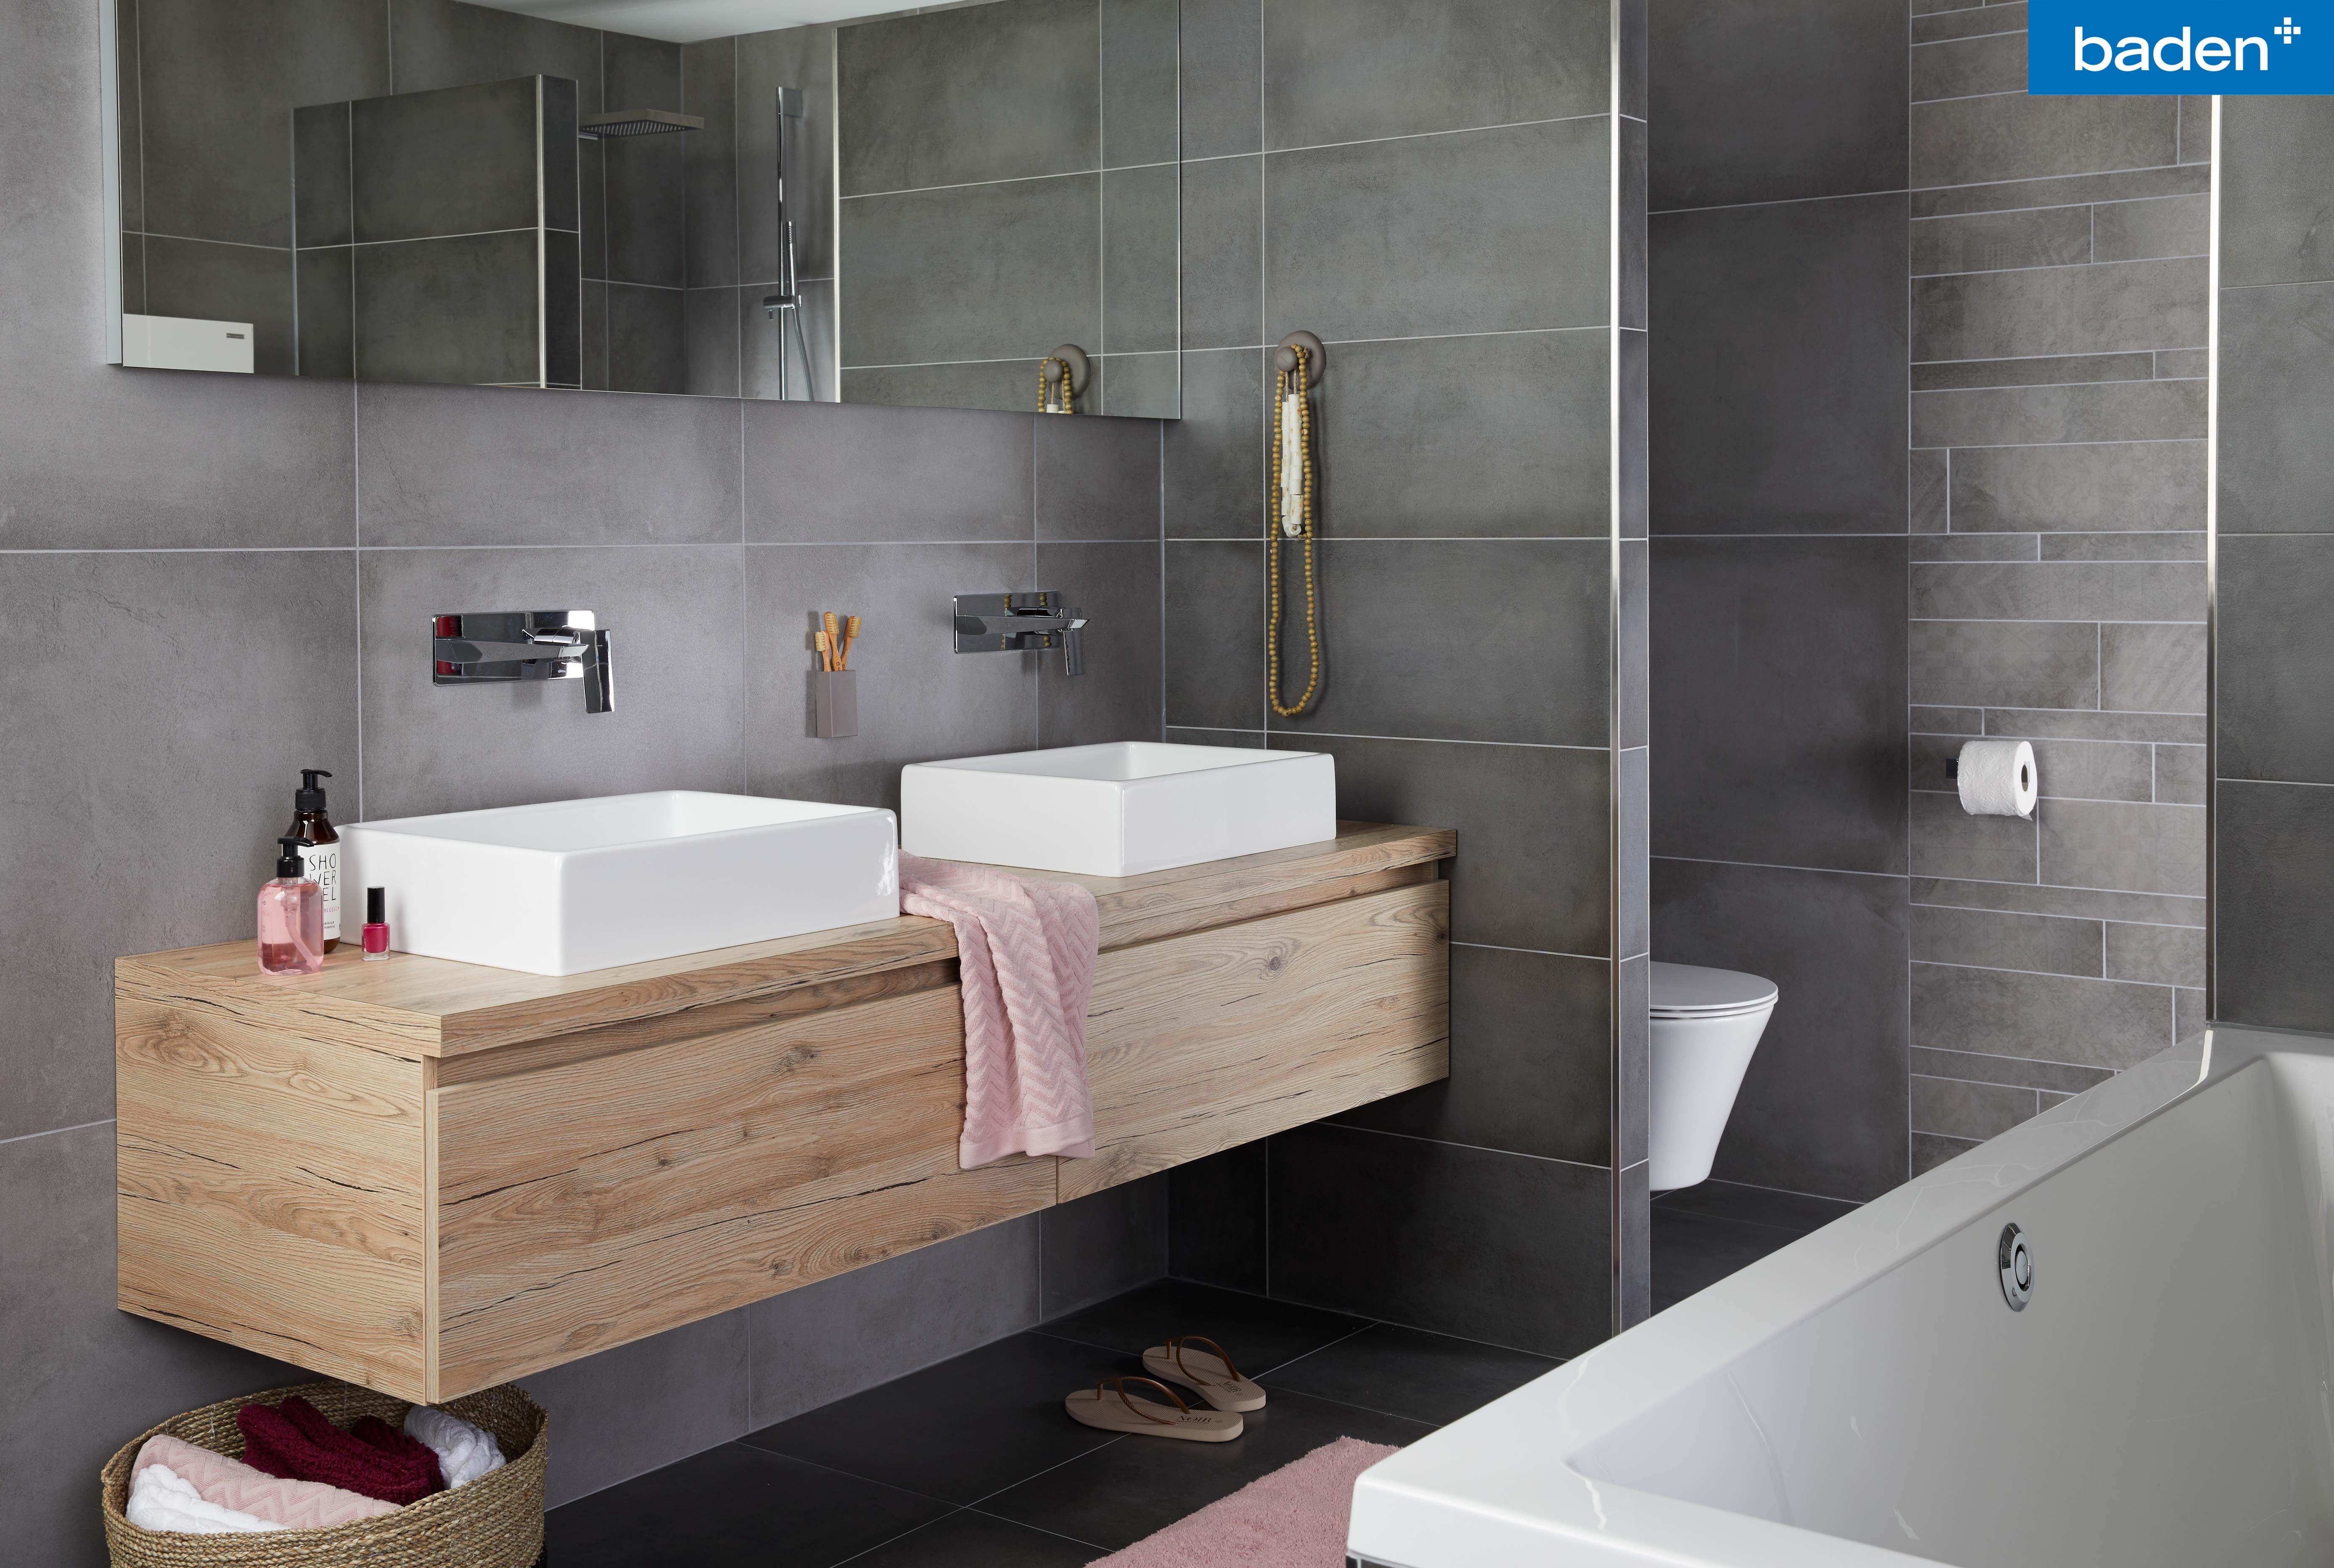 Dit brede badkamermeubel heeft extra voor opbergruimte. zo kun je